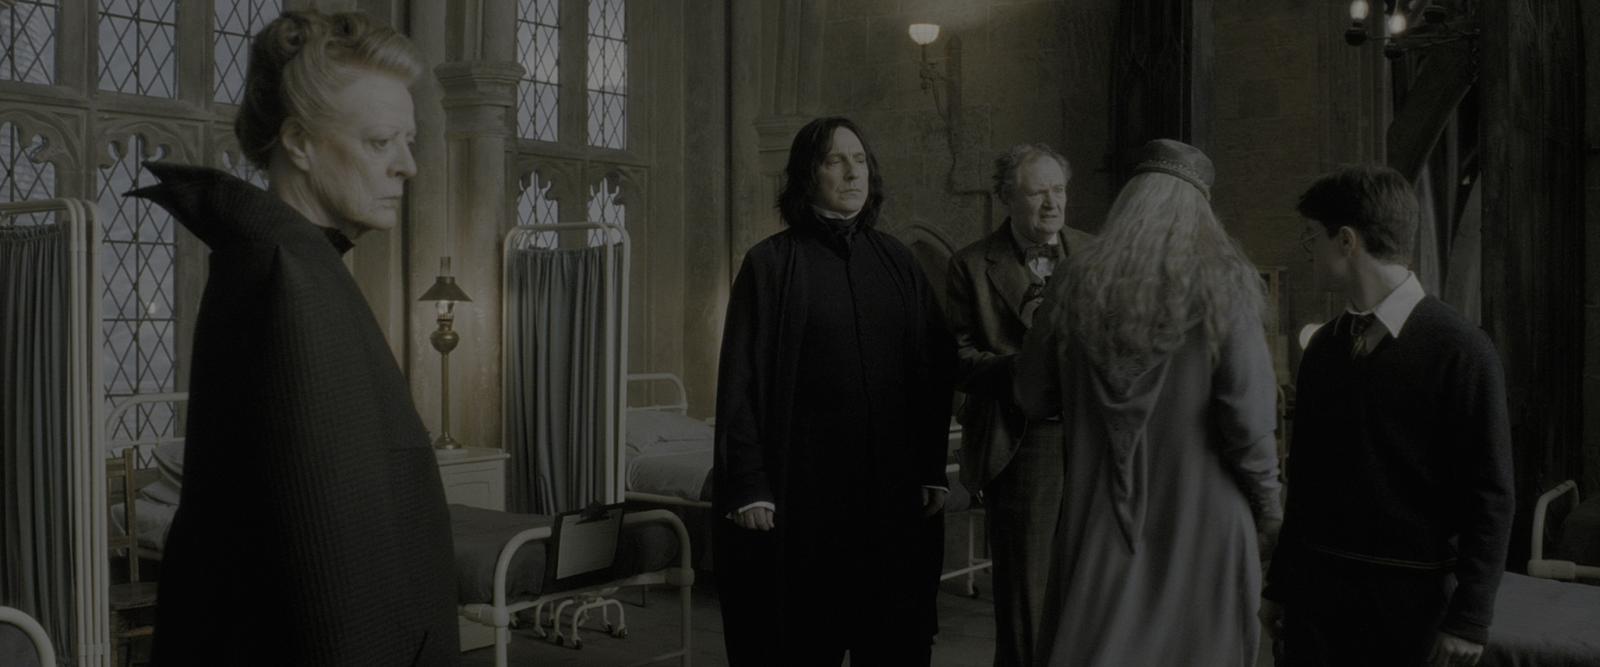 Harry Potter y el Misterio del Príncipe (2009) 4K UHD [HDR] Latino - Castellano - Ingles captura 3